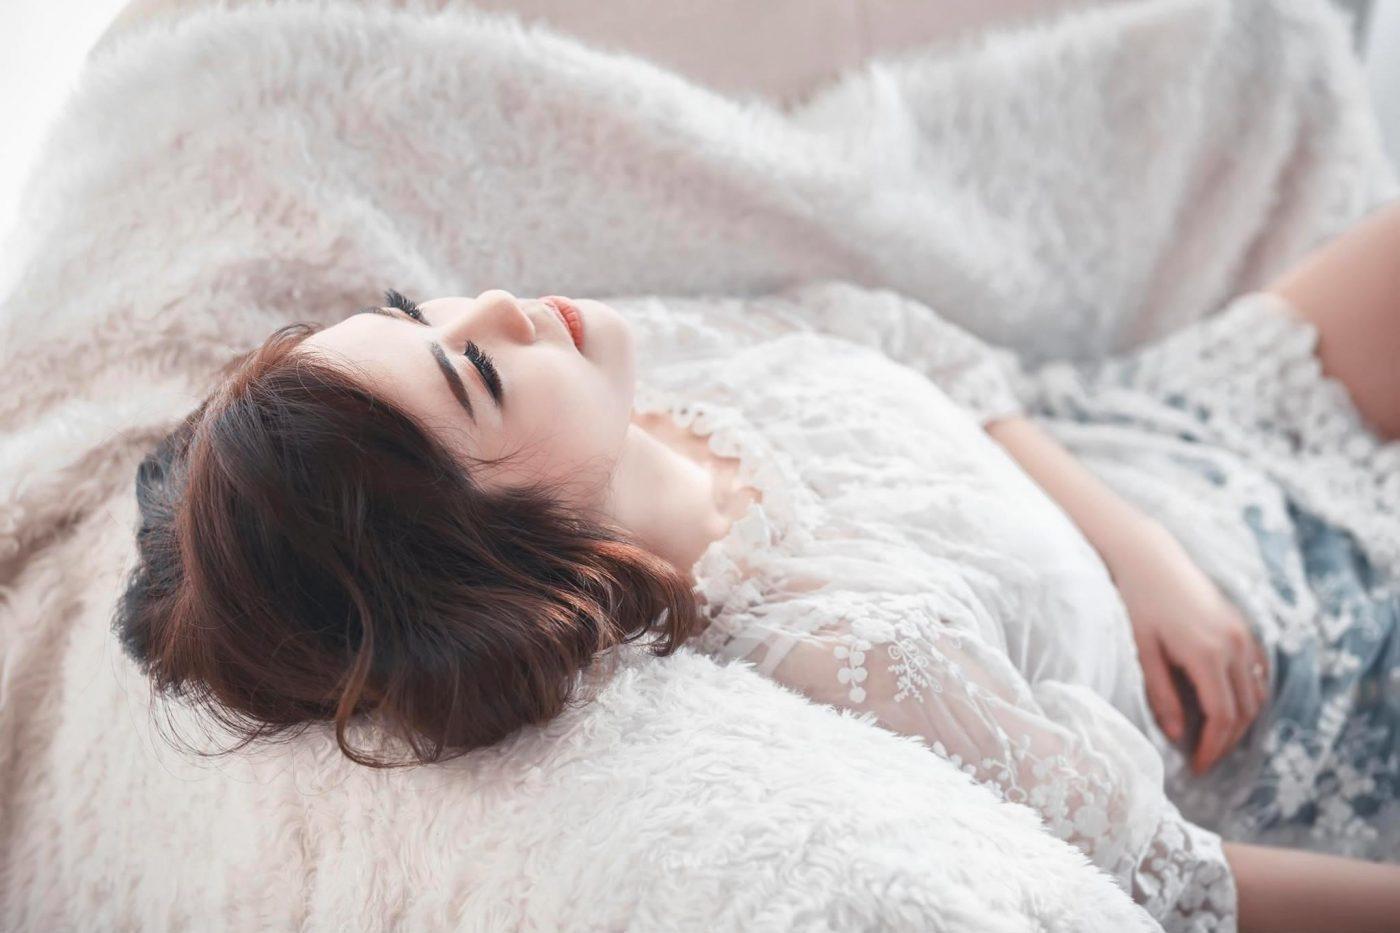 Đàn bà lấy chồng chỉ sợ trái tim của người đàn ông không còn hướng về mình Ảnh 1